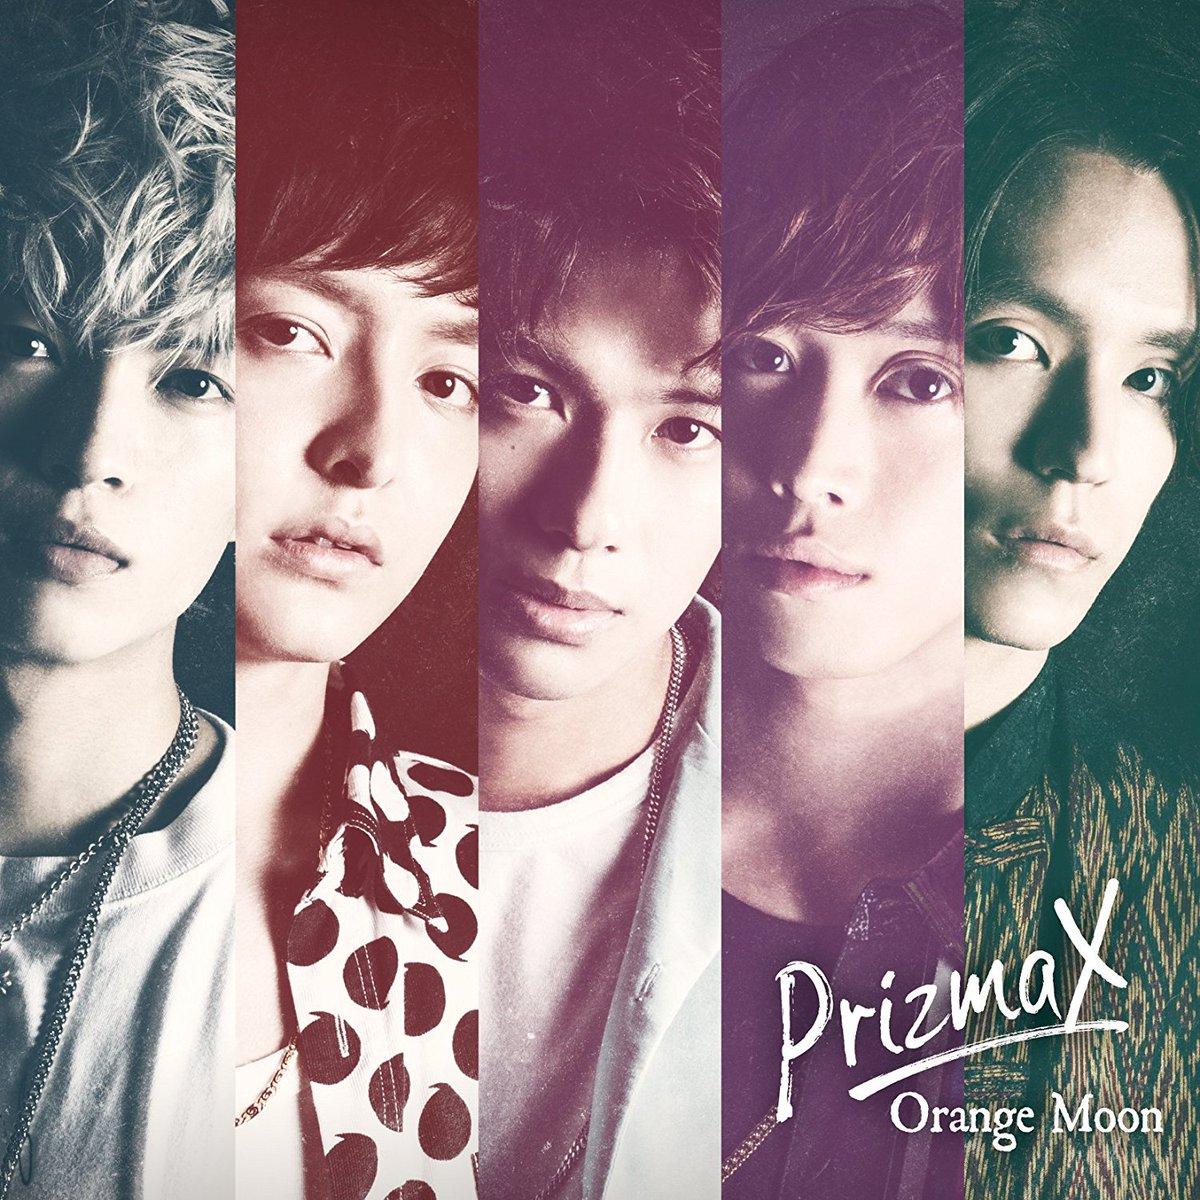 【リリース】8/30(水)発売のPrizmaXニューシングル「Orange Moon」カップリング曲「カフェオレ」の編曲